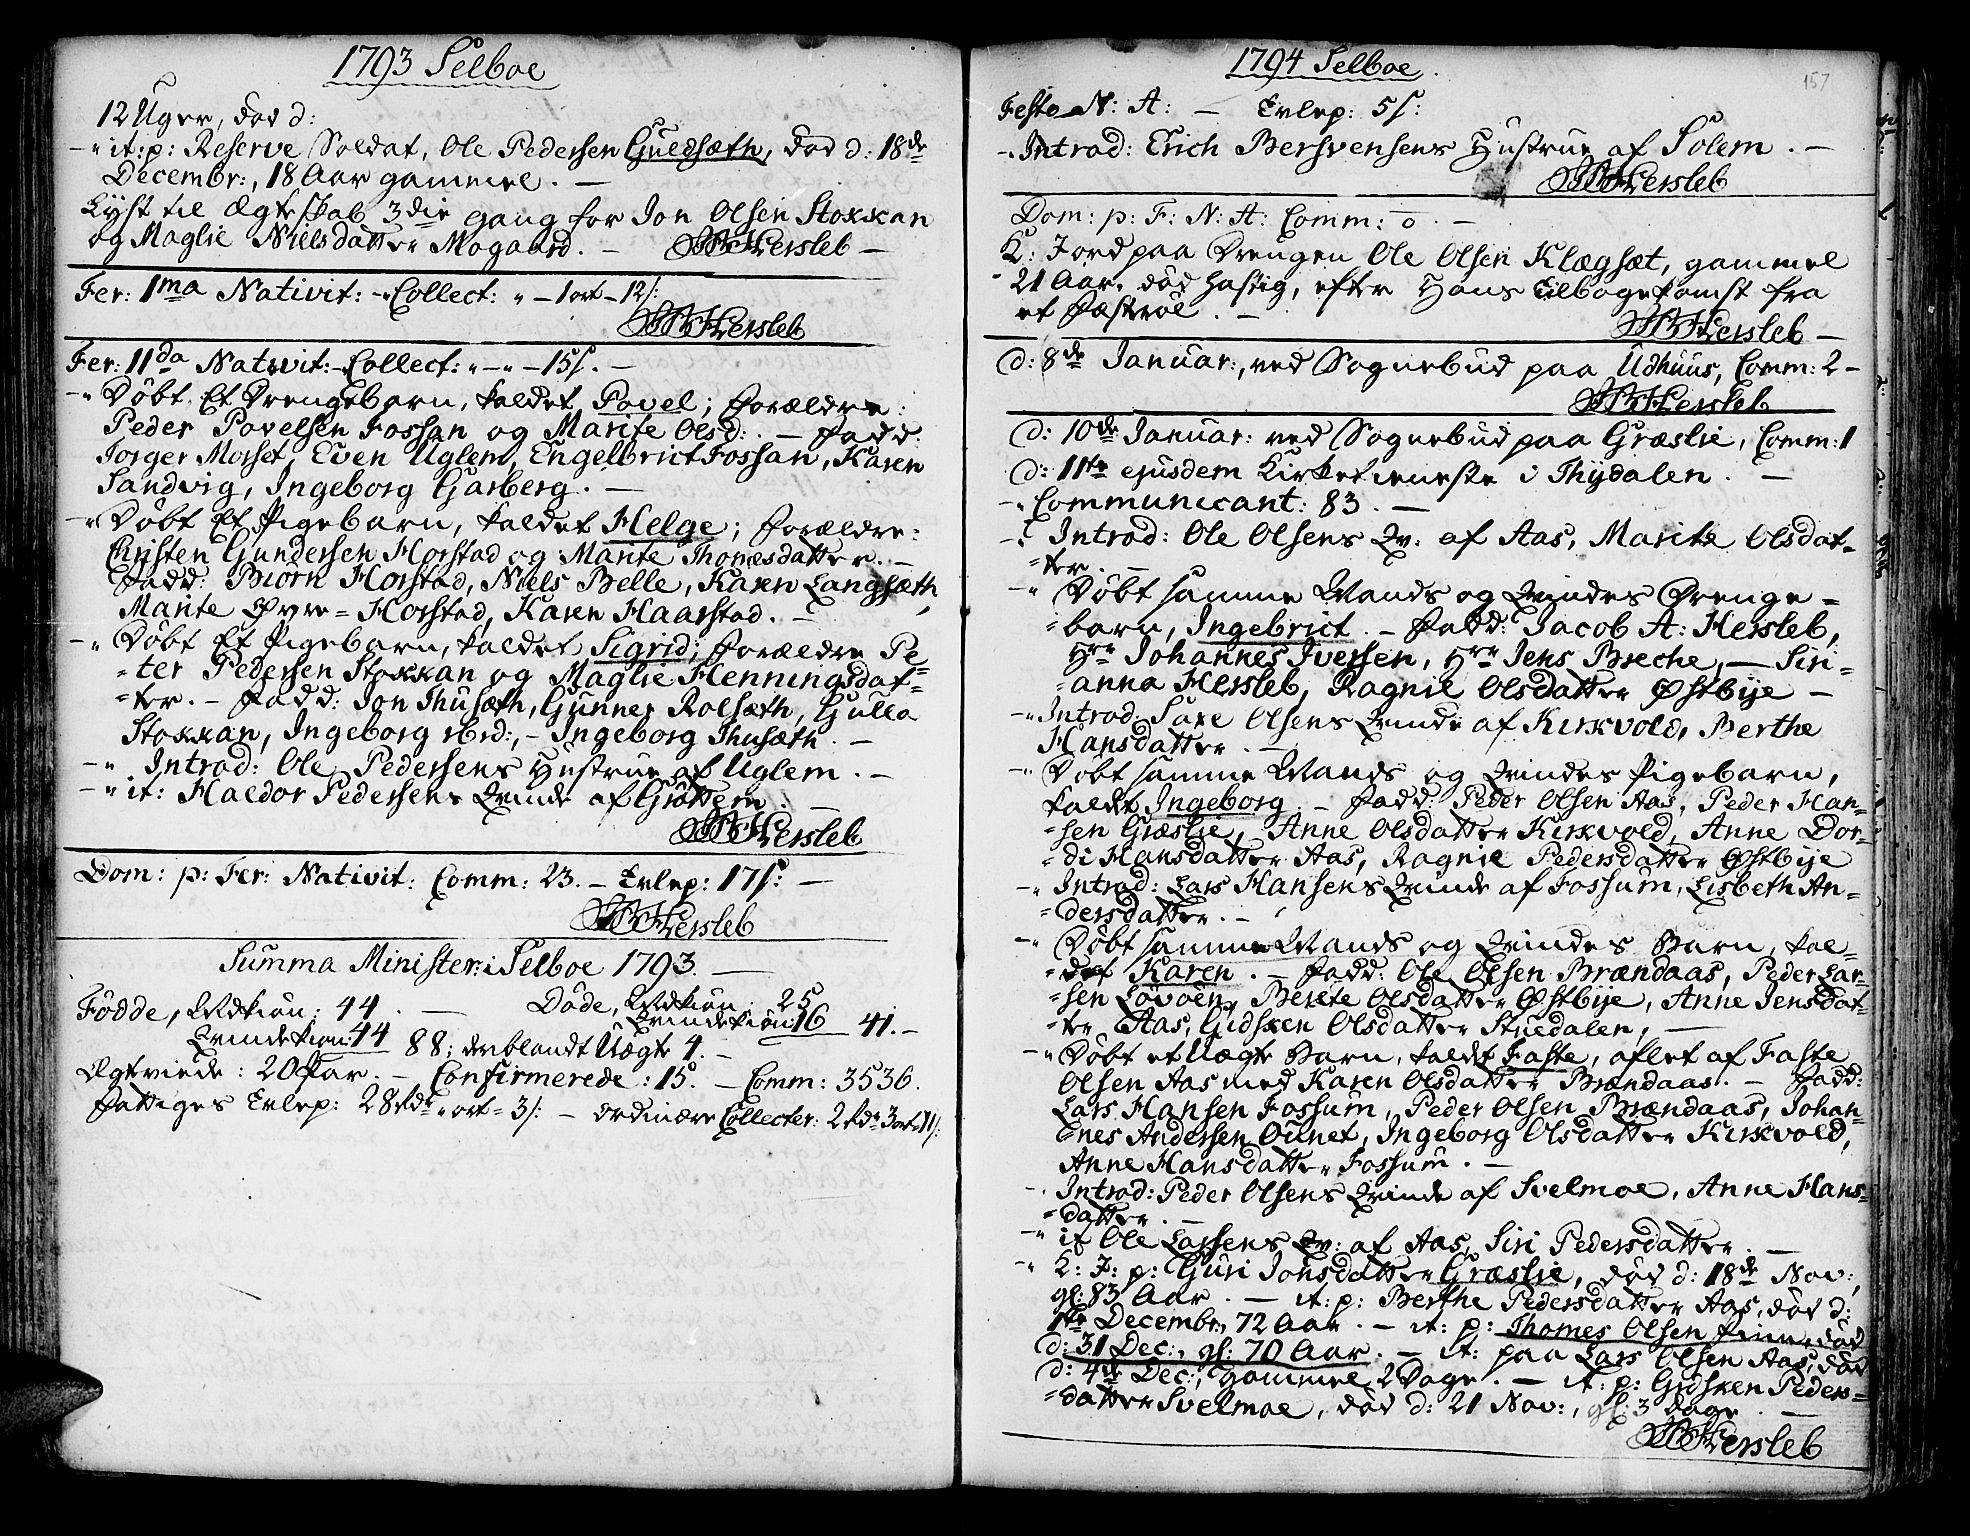 SAT, Ministerialprotokoller, klokkerbøker og fødselsregistre - Sør-Trøndelag, 695/L1138: Ministerialbok nr. 695A02 /1, 1757-1801, s. 157